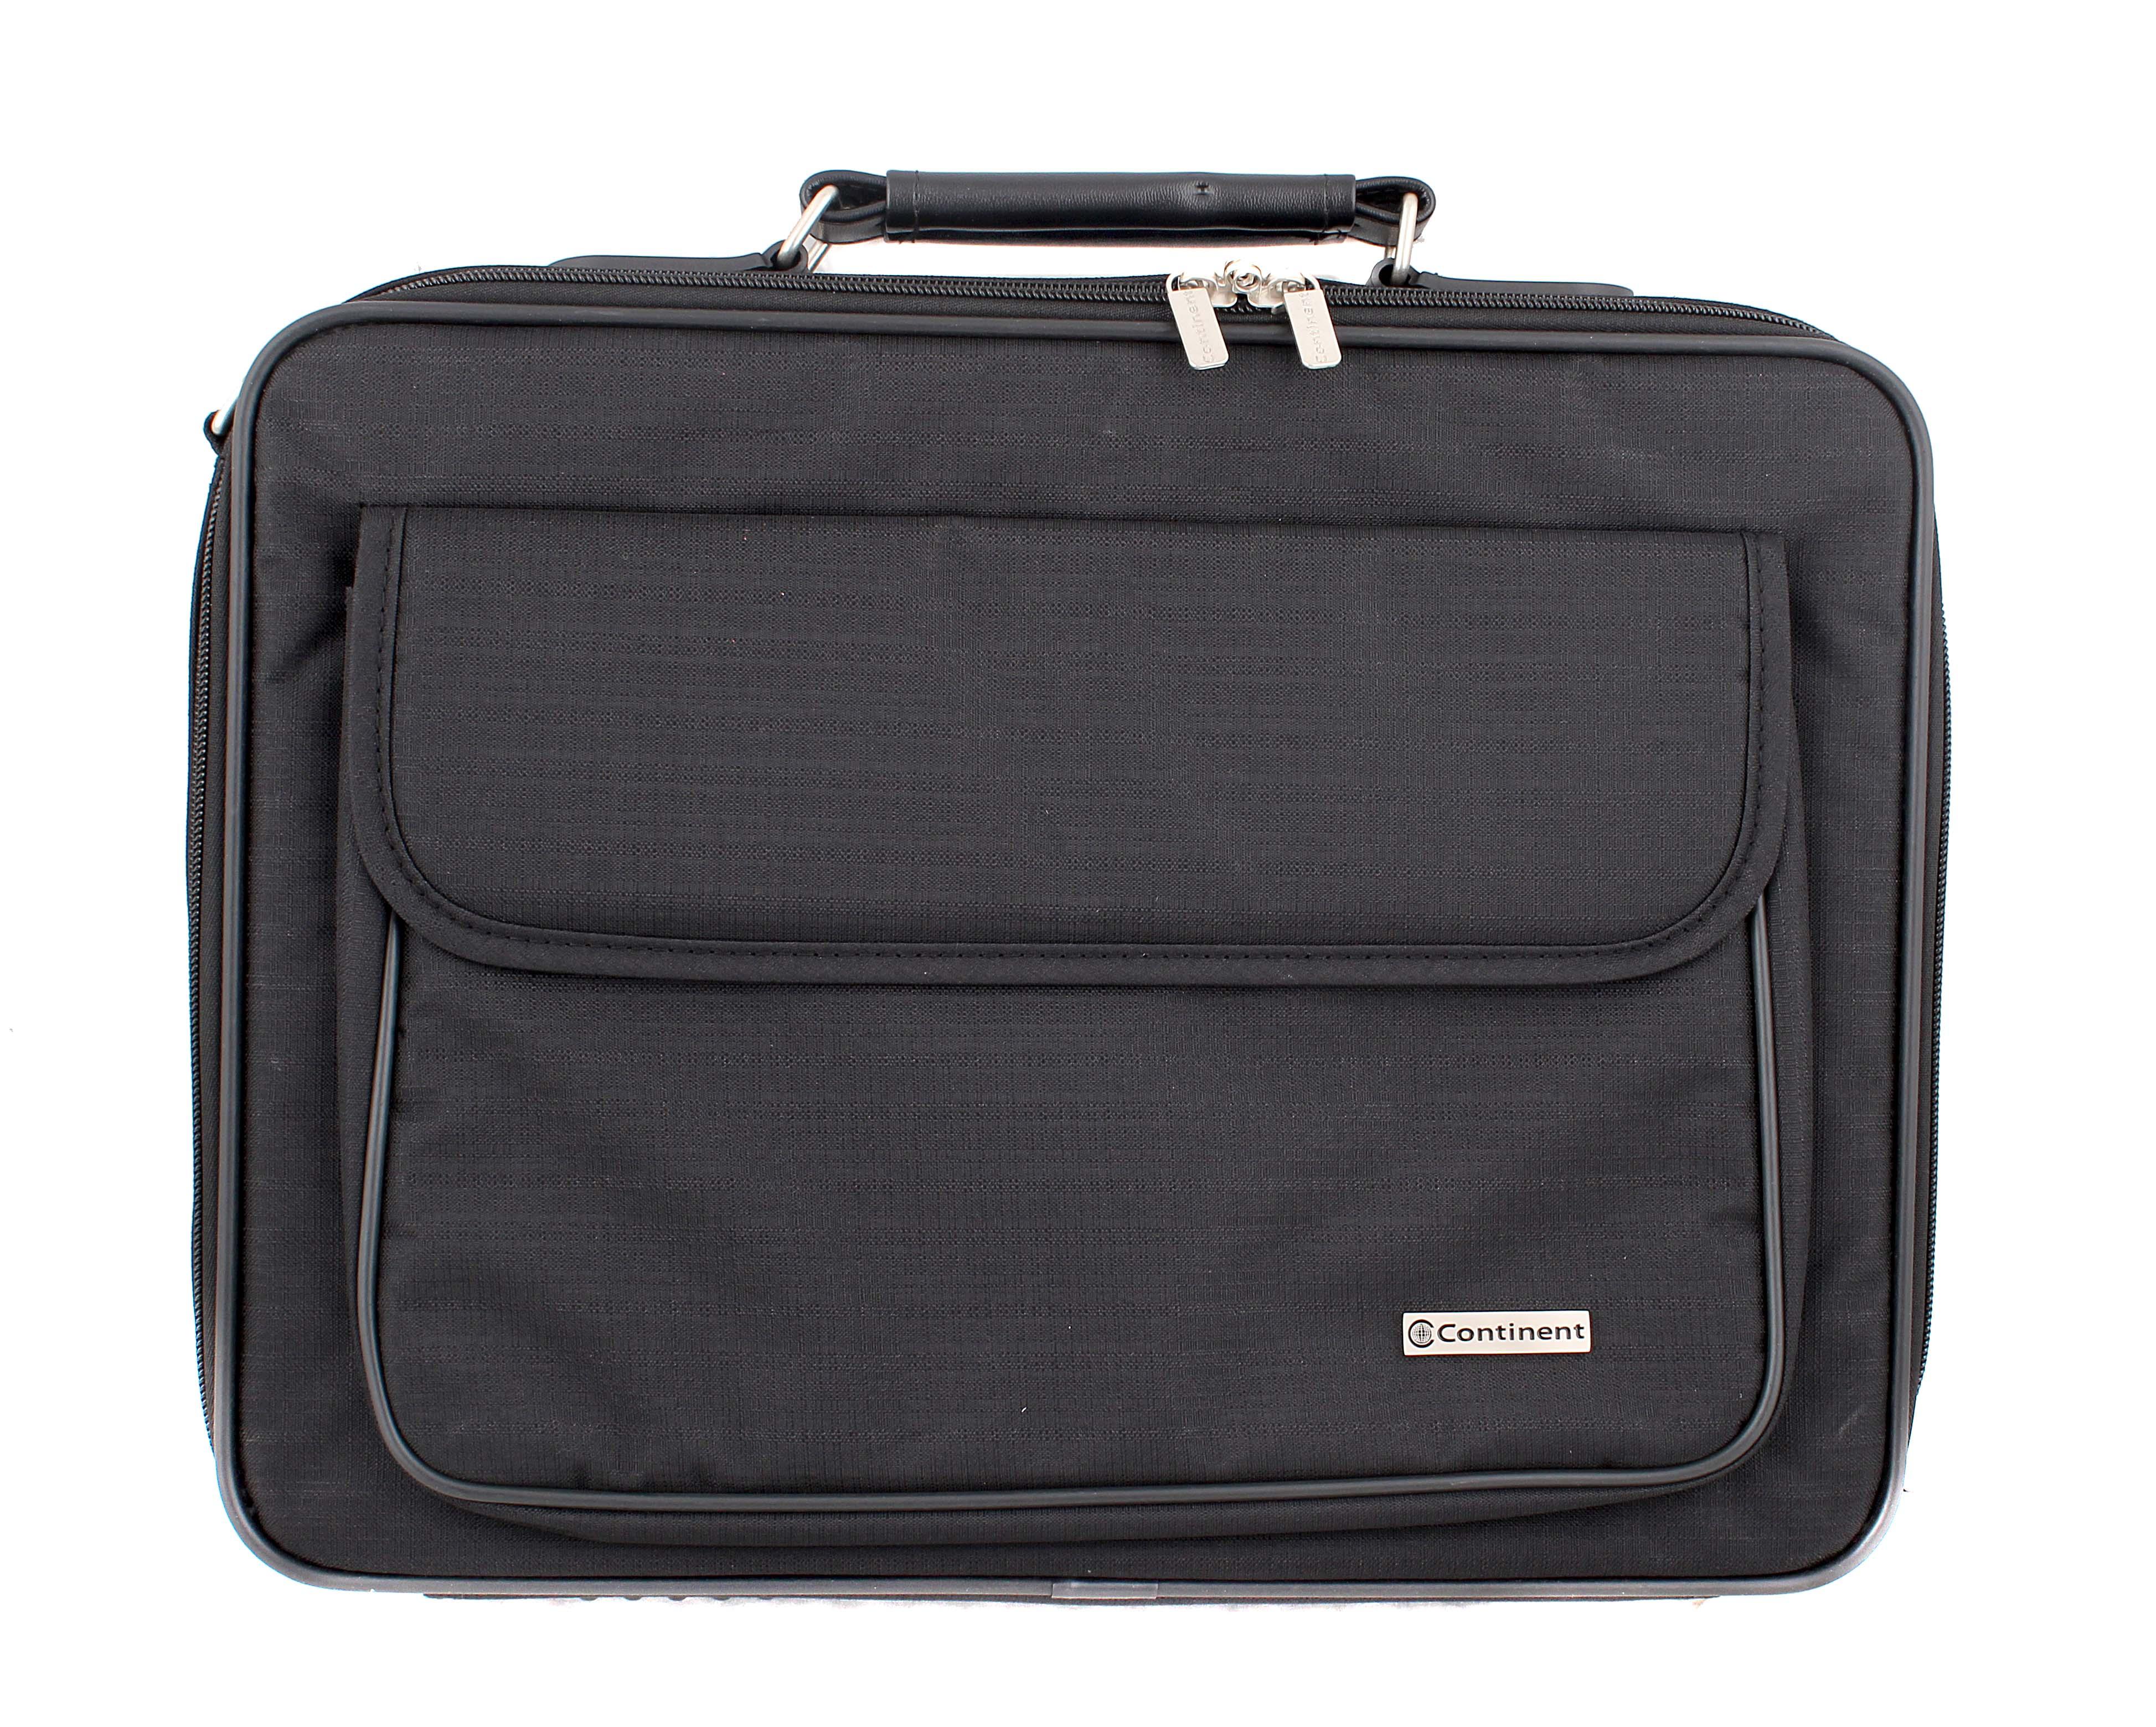 Кейс для ноутбука Continent Real Brand Technics 1567.000